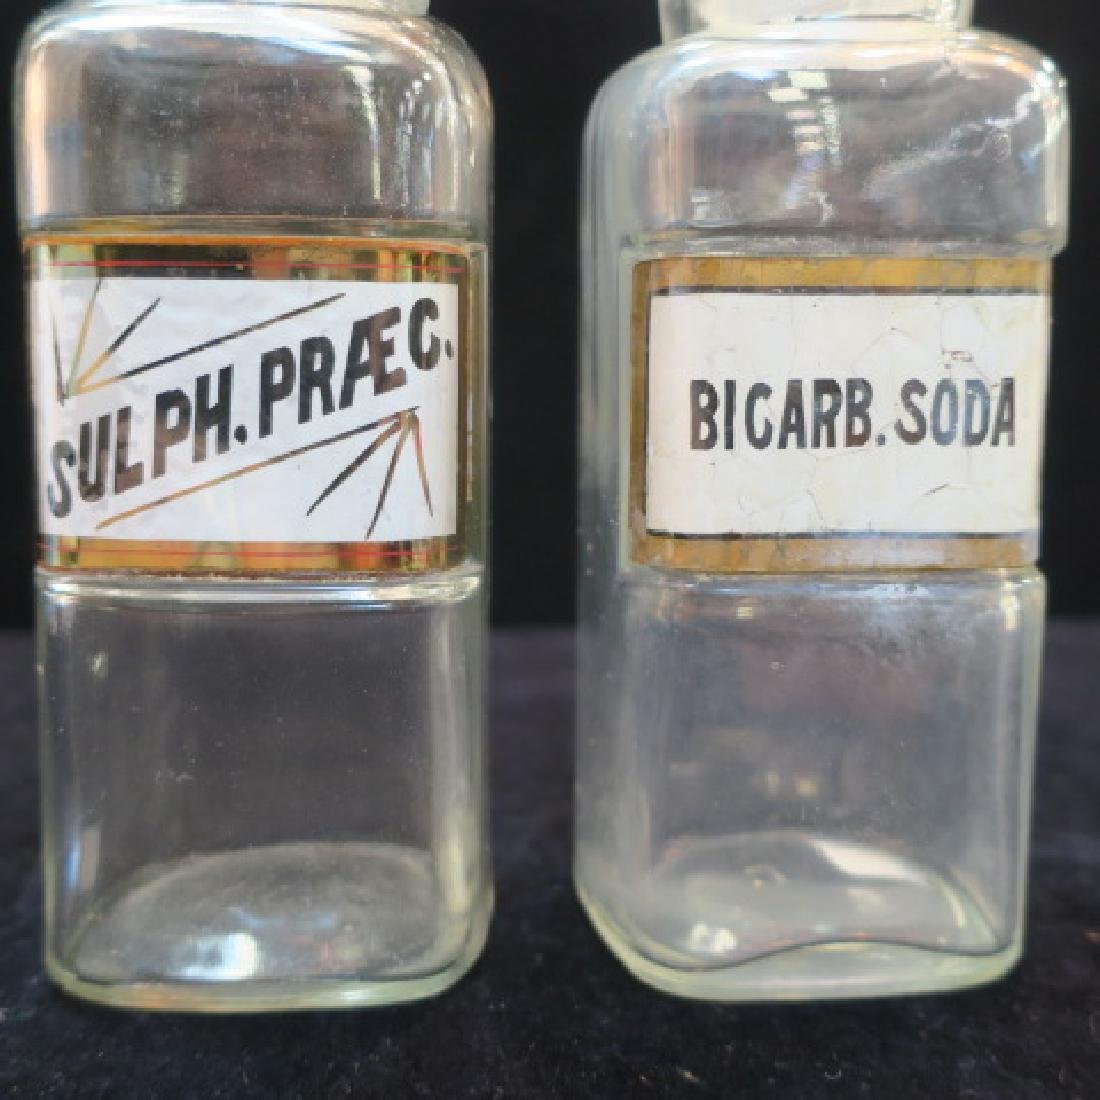 Two Apothecary Bottles; BICARB. SODA & SULPH. PRAEC: - 2